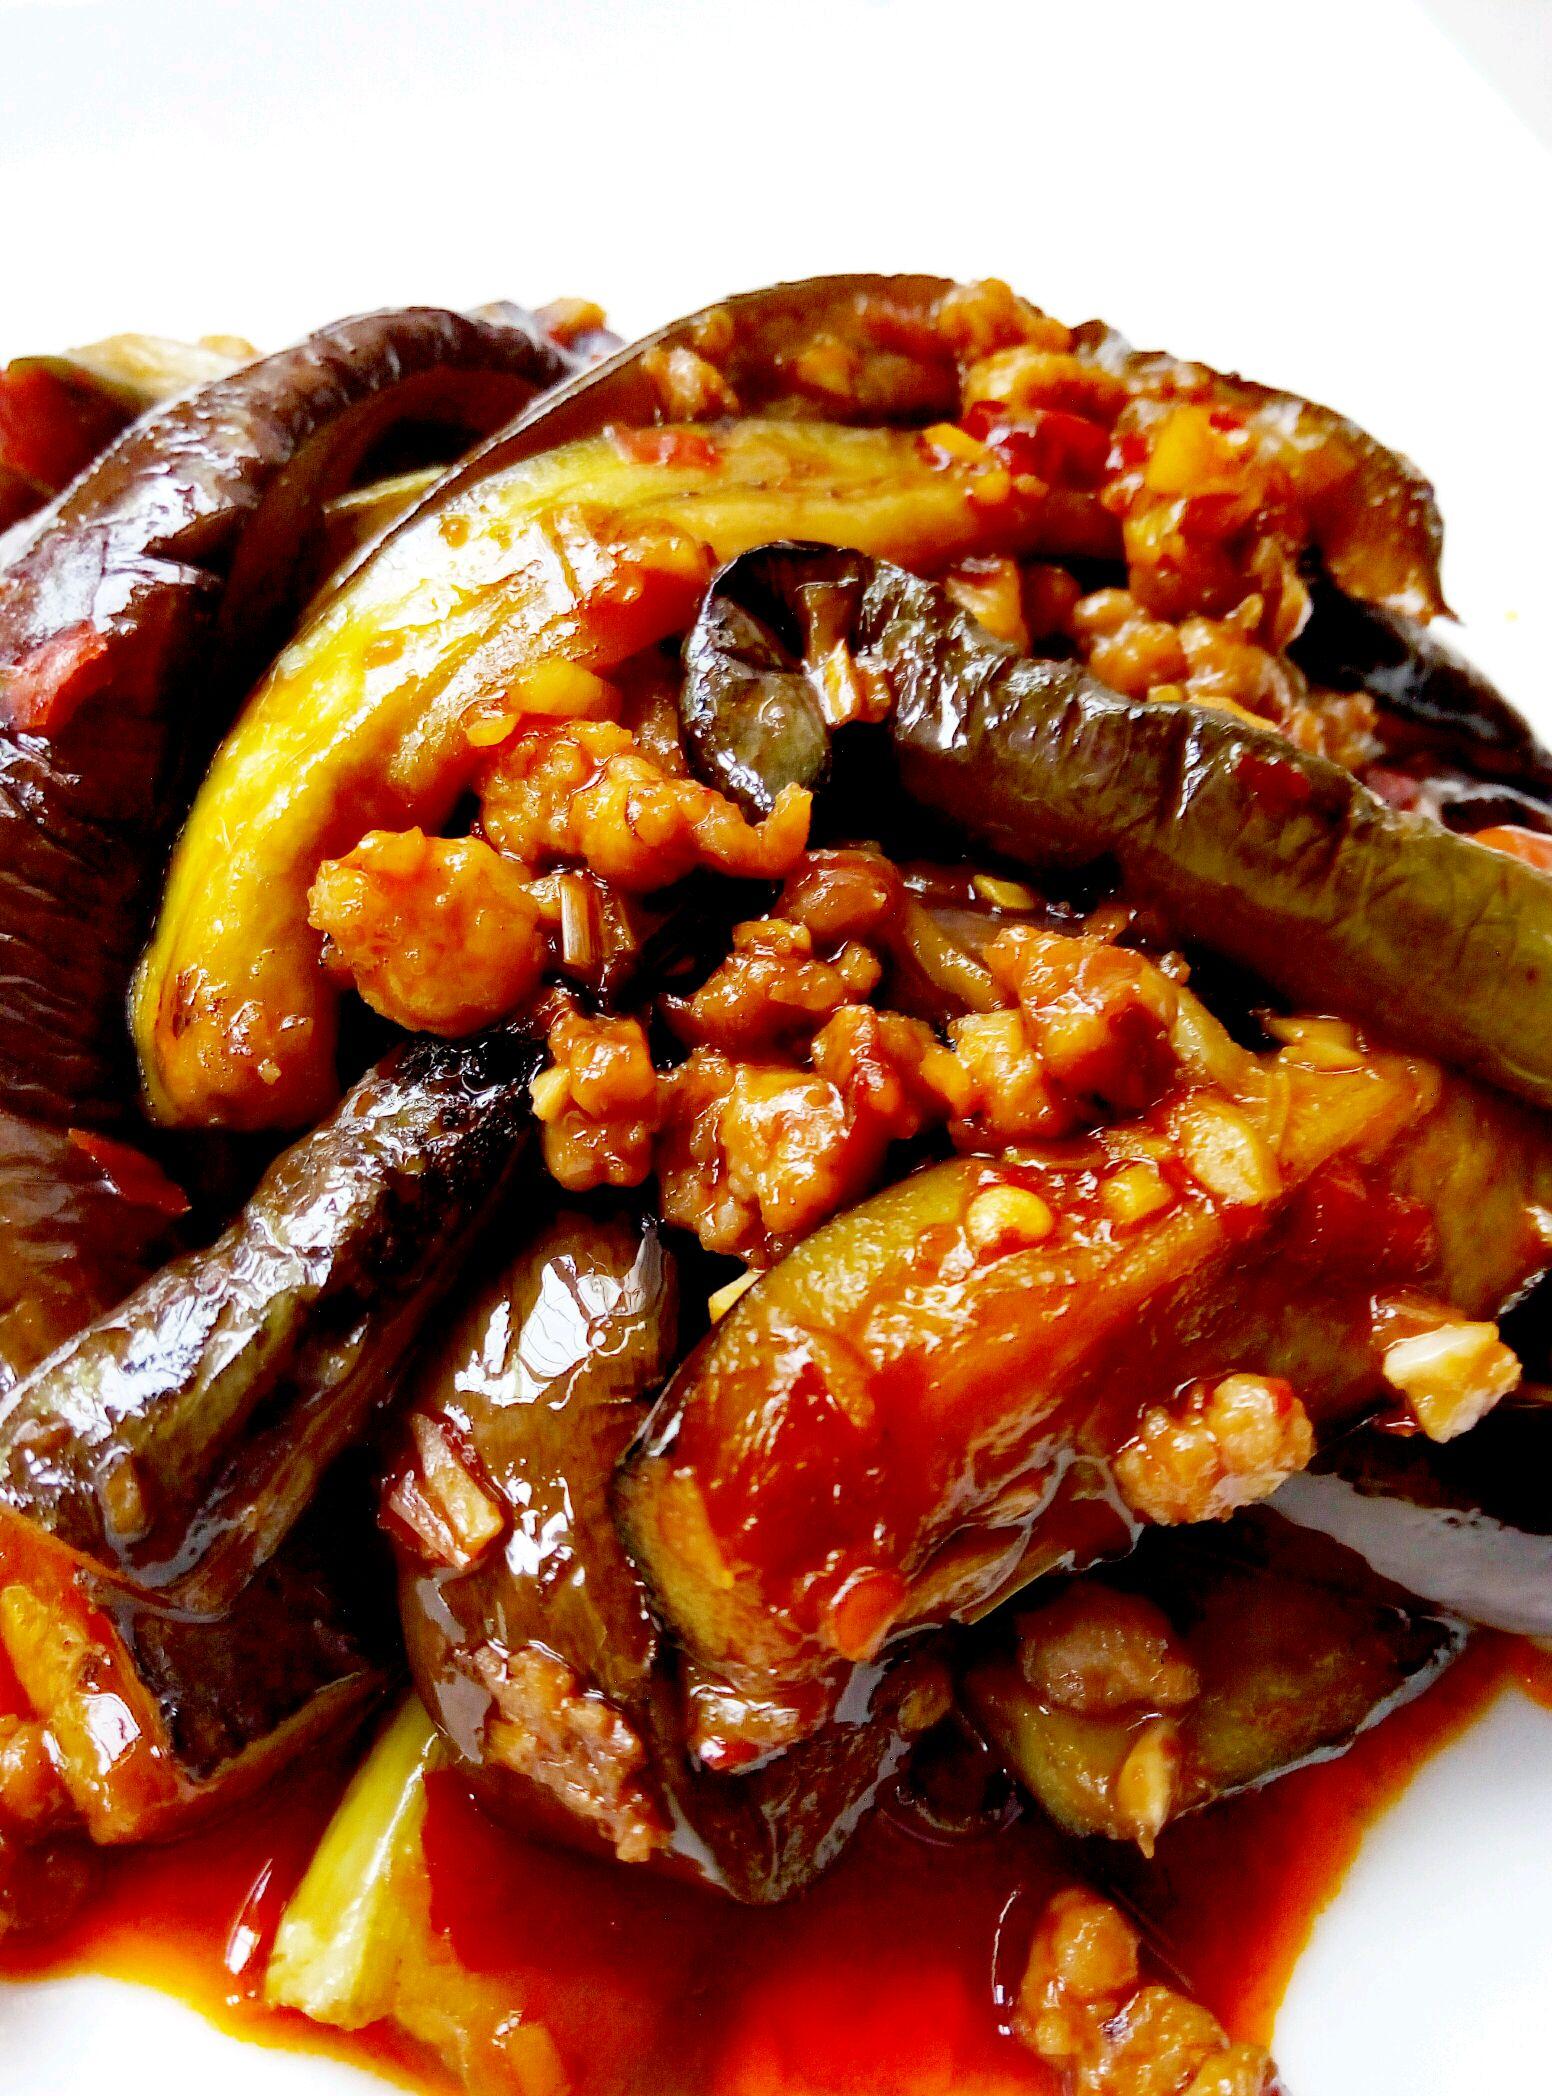 鱼香茄子的做法_【图解】鱼香茄子怎么做如何做好吃